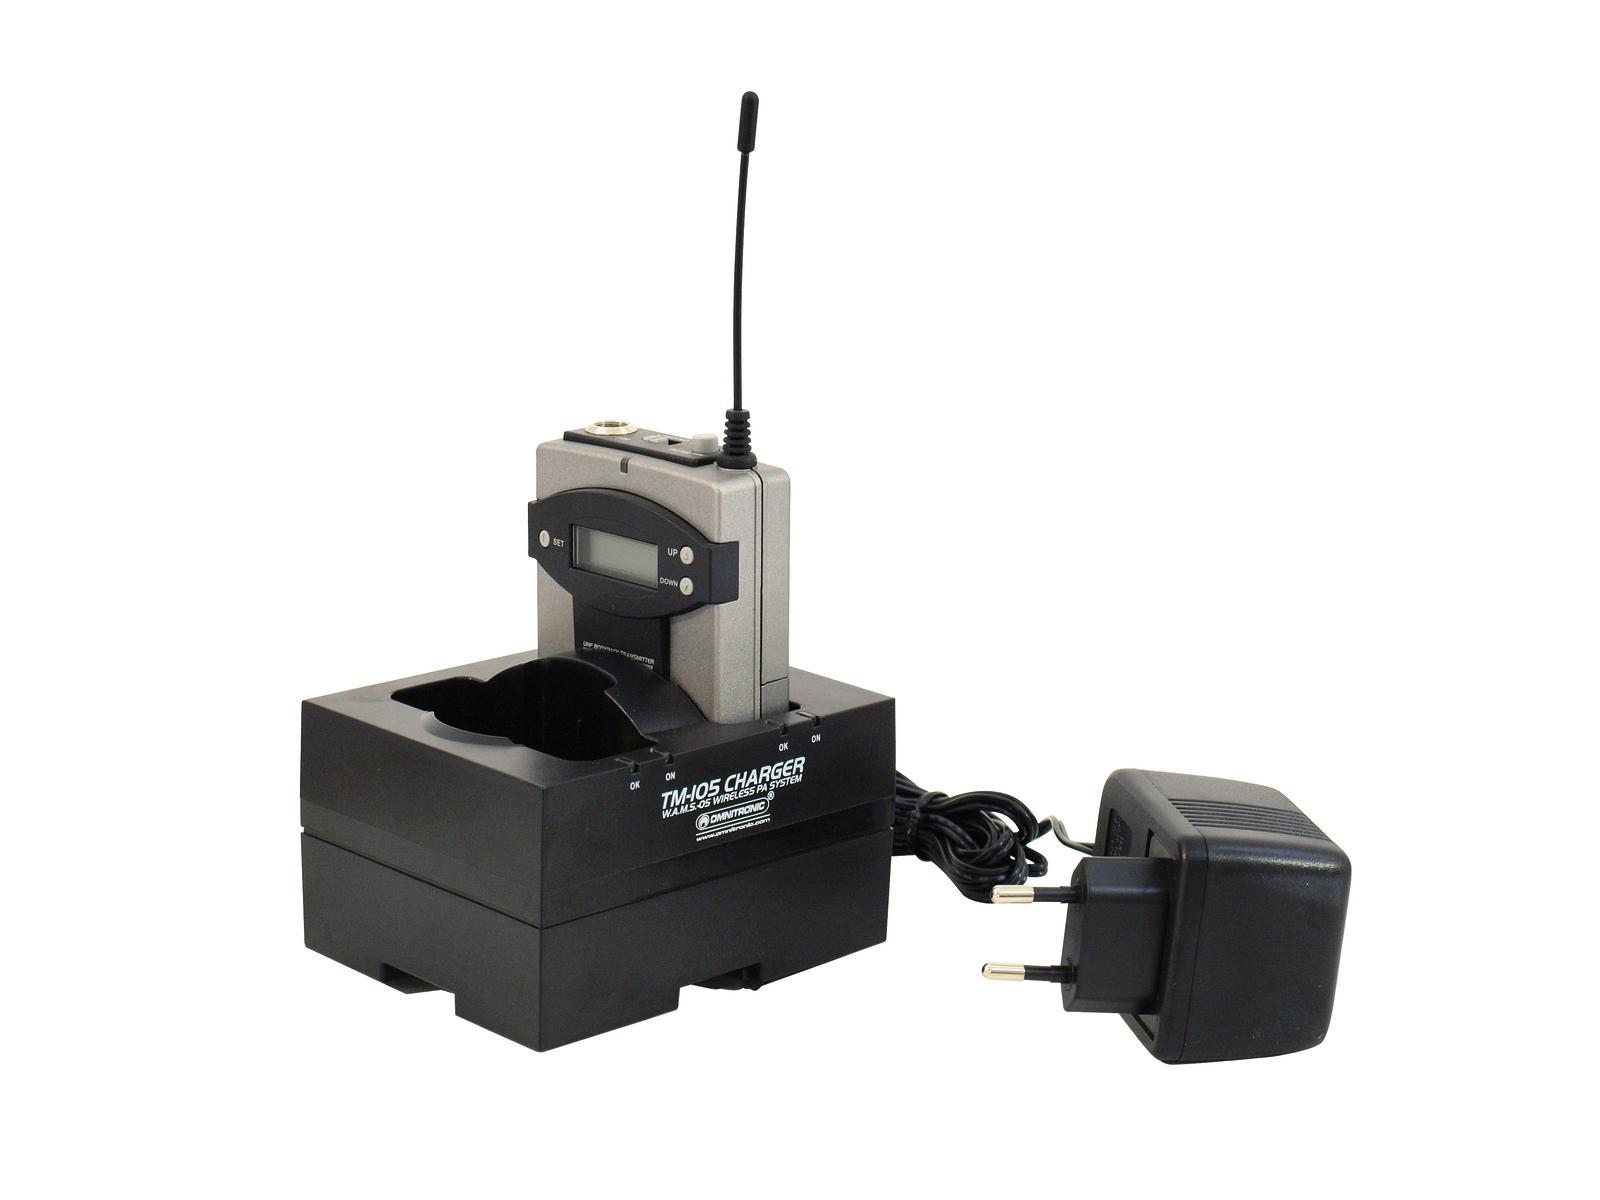 OMNITRONIC caricatore batterie per trasmettitori tascabili  TM-105